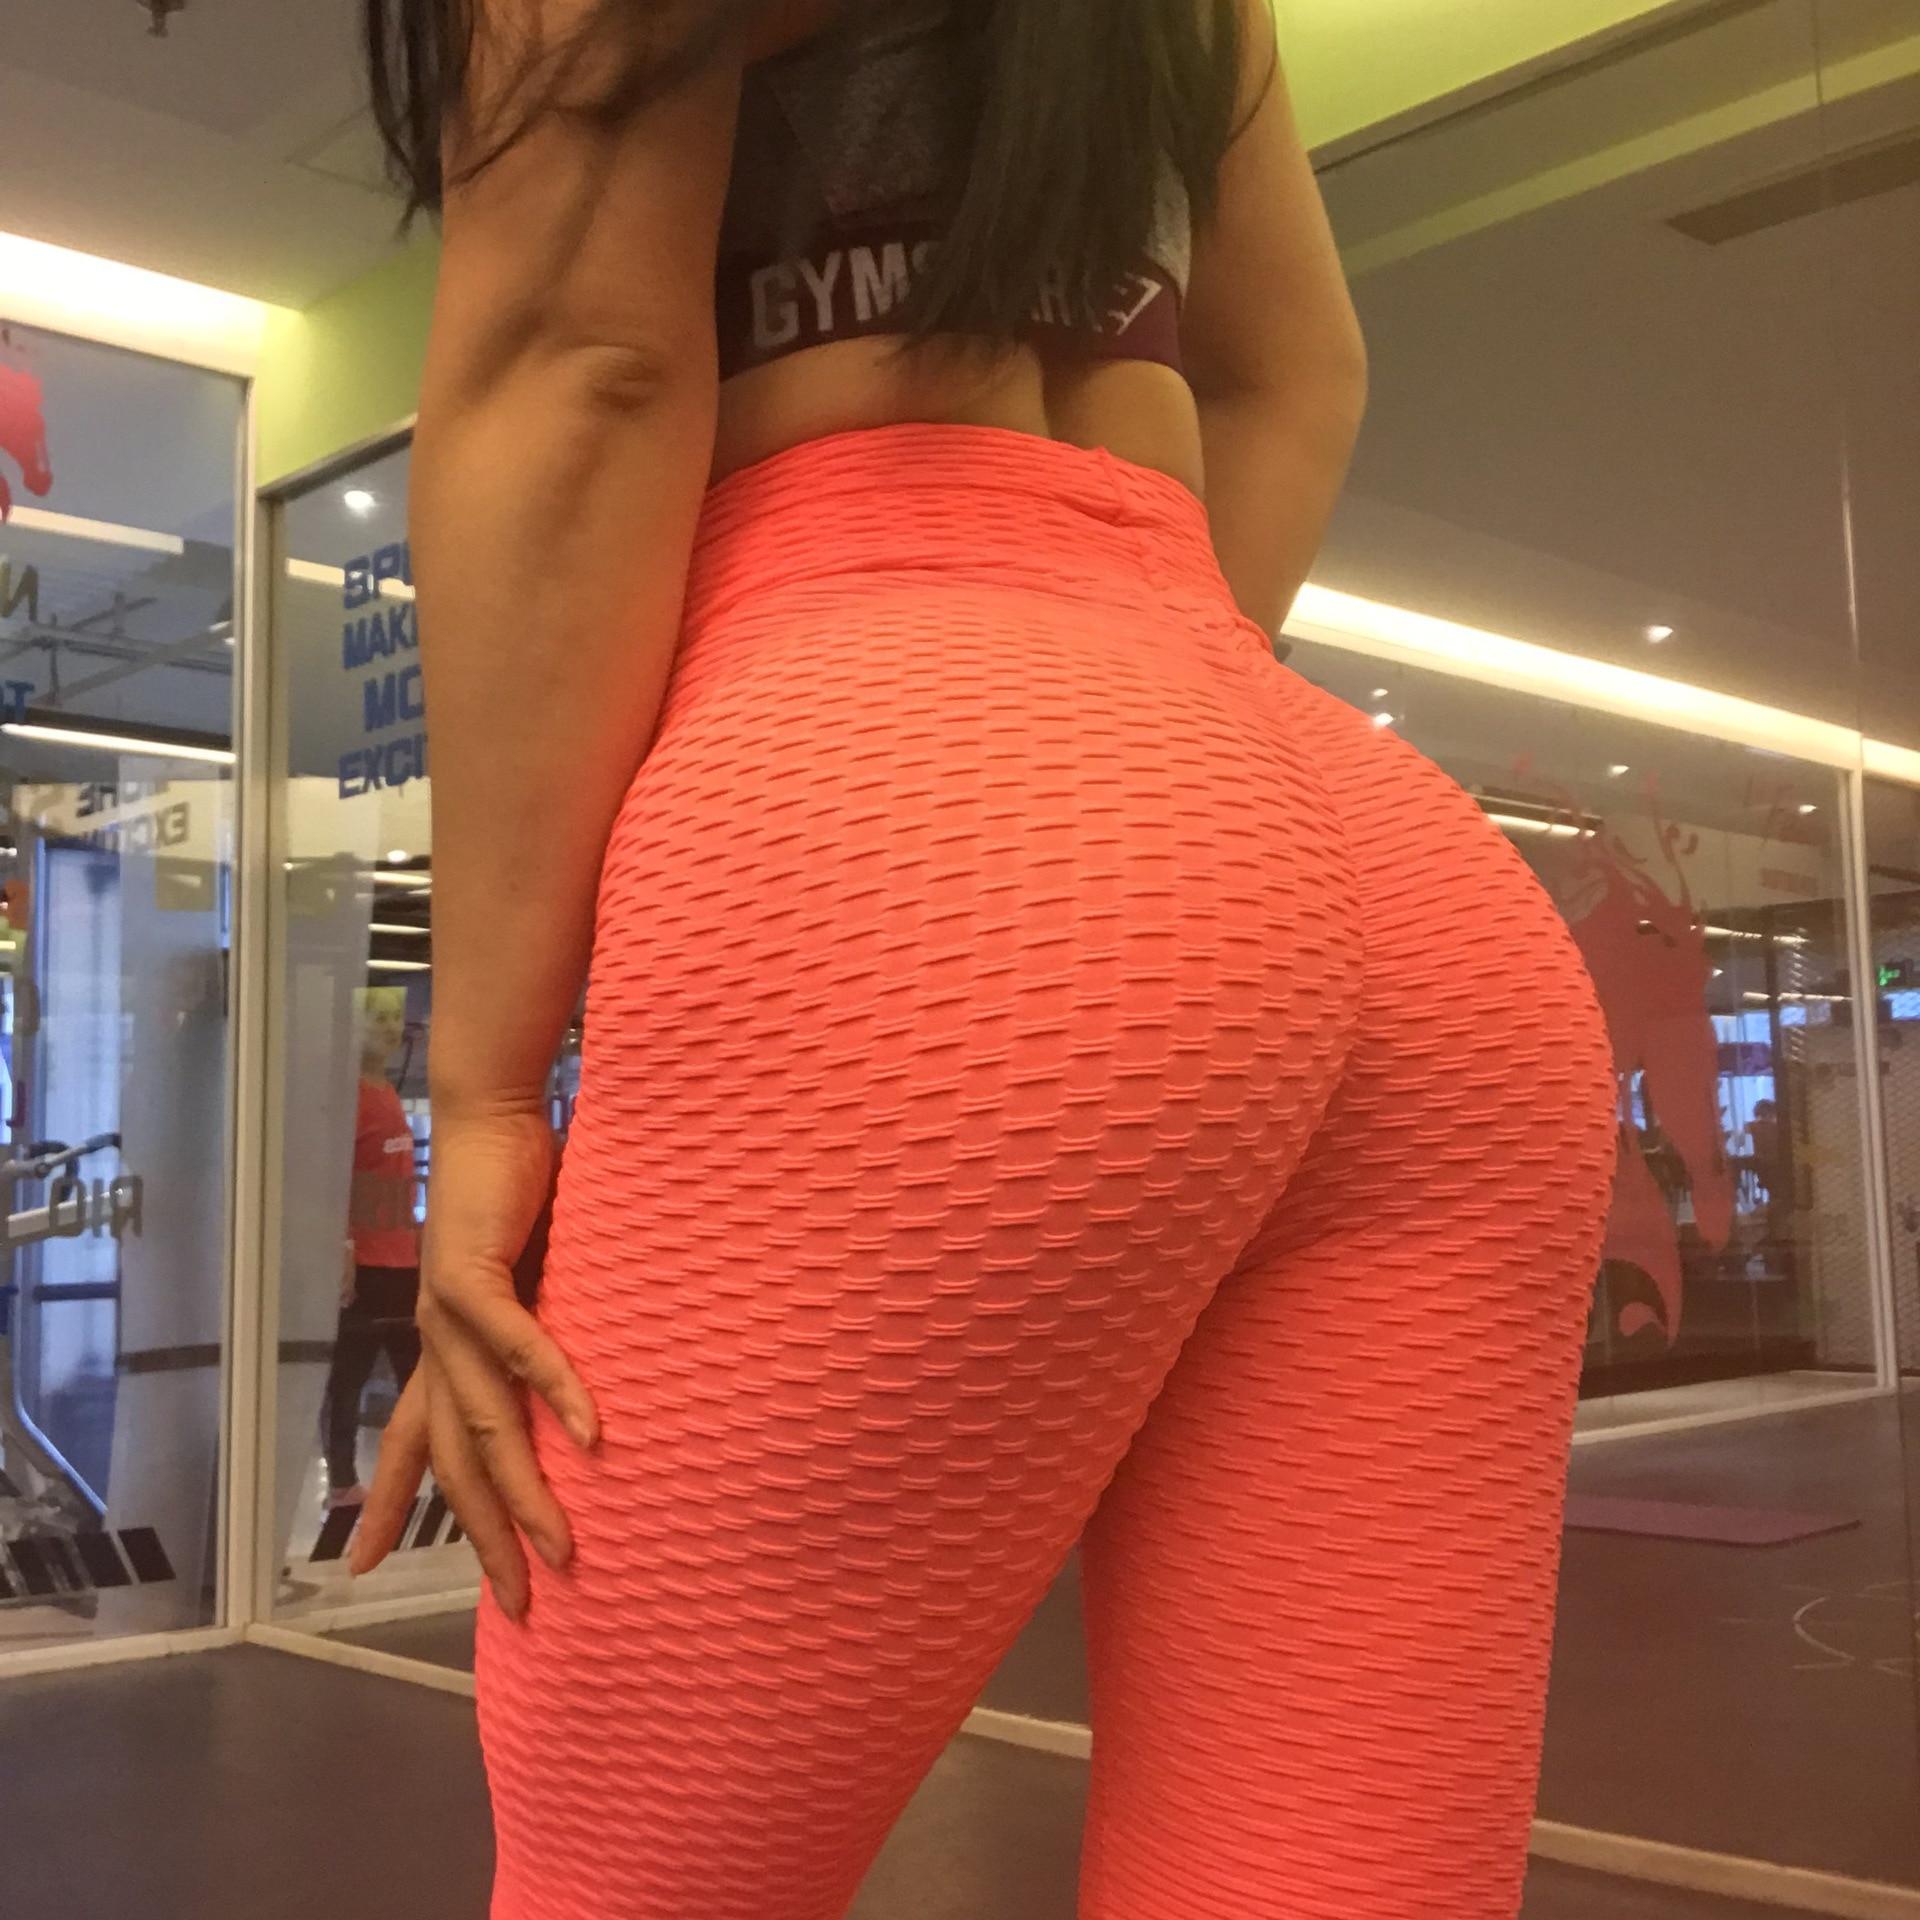 Women Leggings Pants Spring Skinny Slimming High-Elastic Solid-Color Summer Leisure